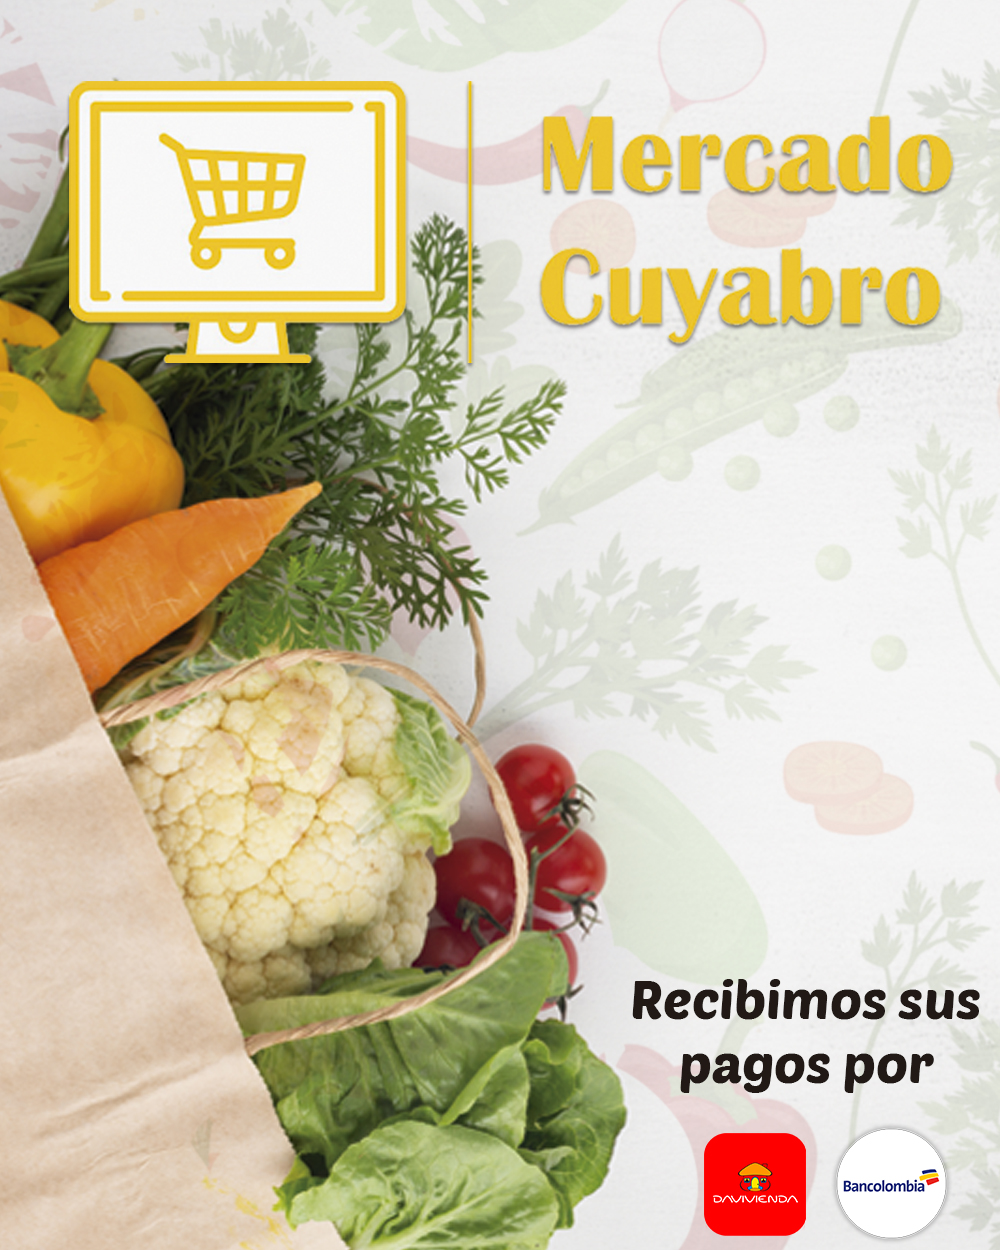 Mercado Cuyabro